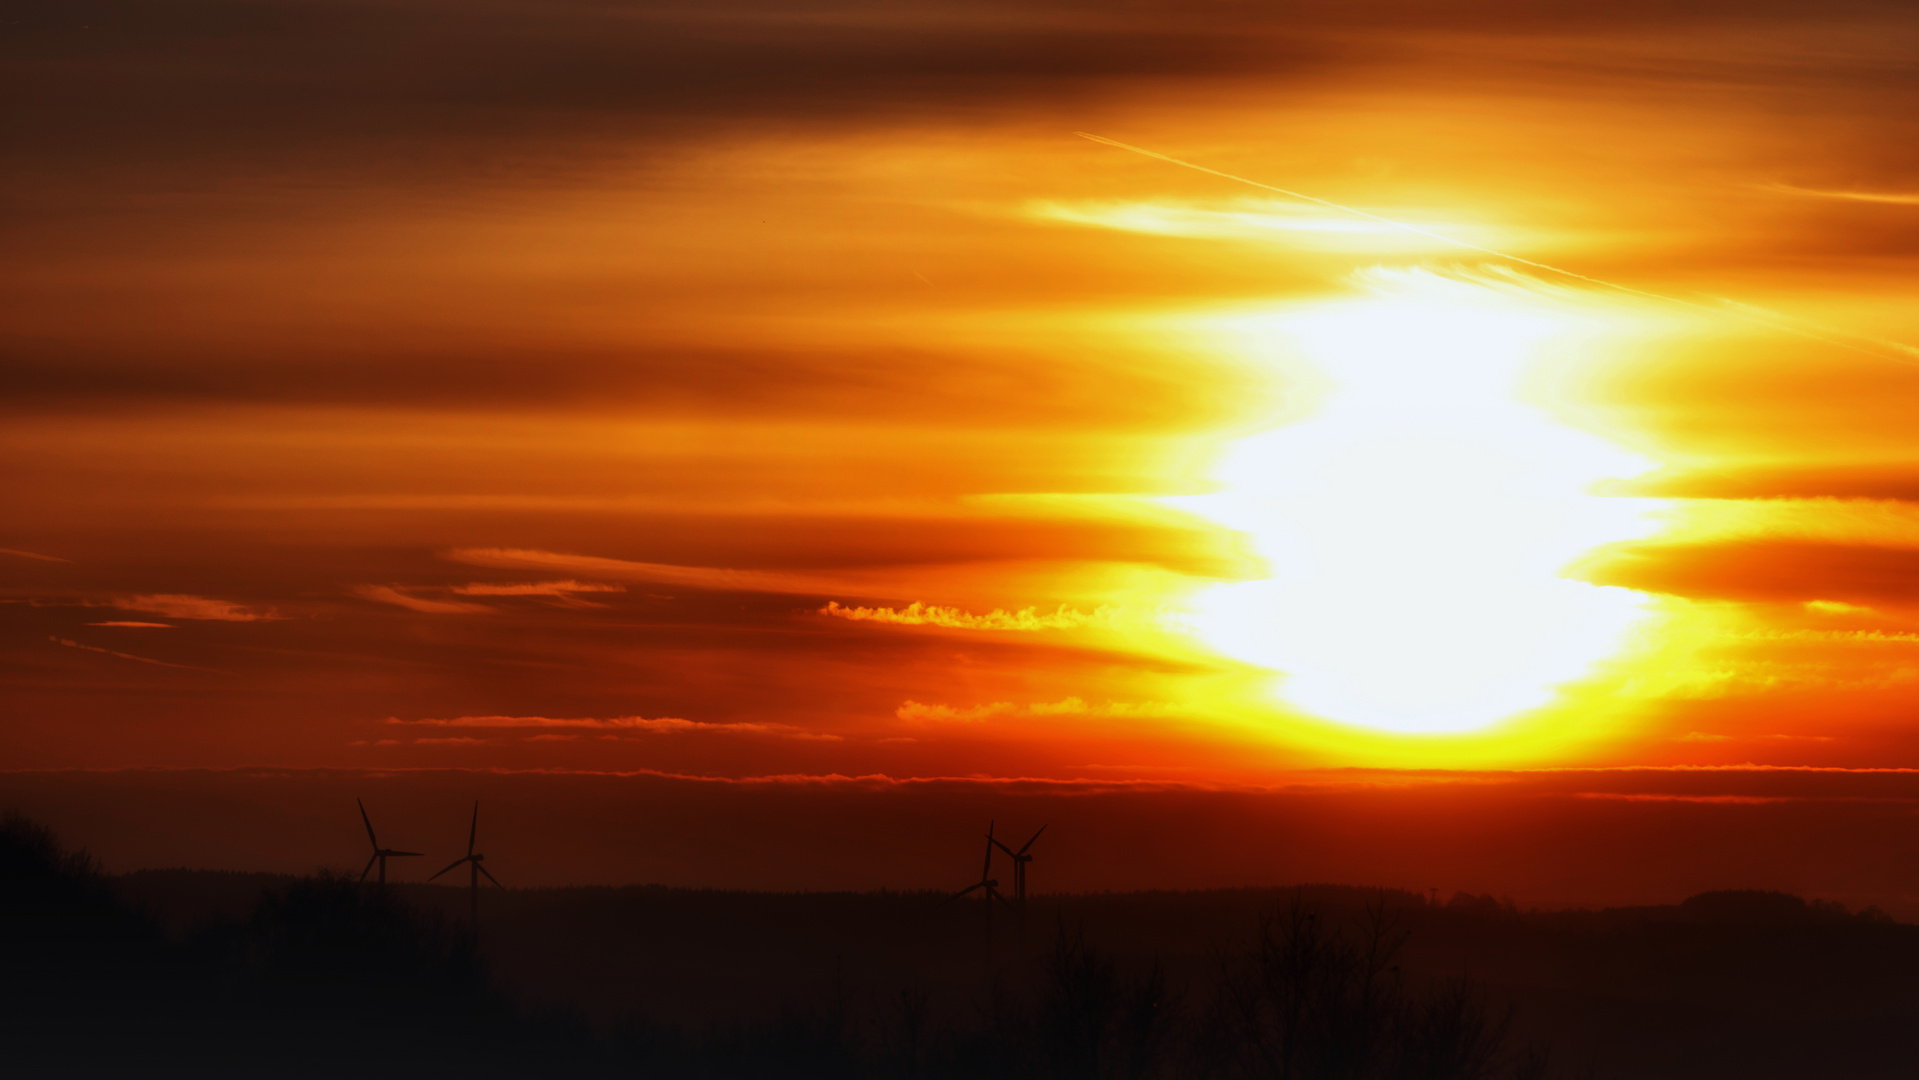 Sonnenuntergang mit Windrädern